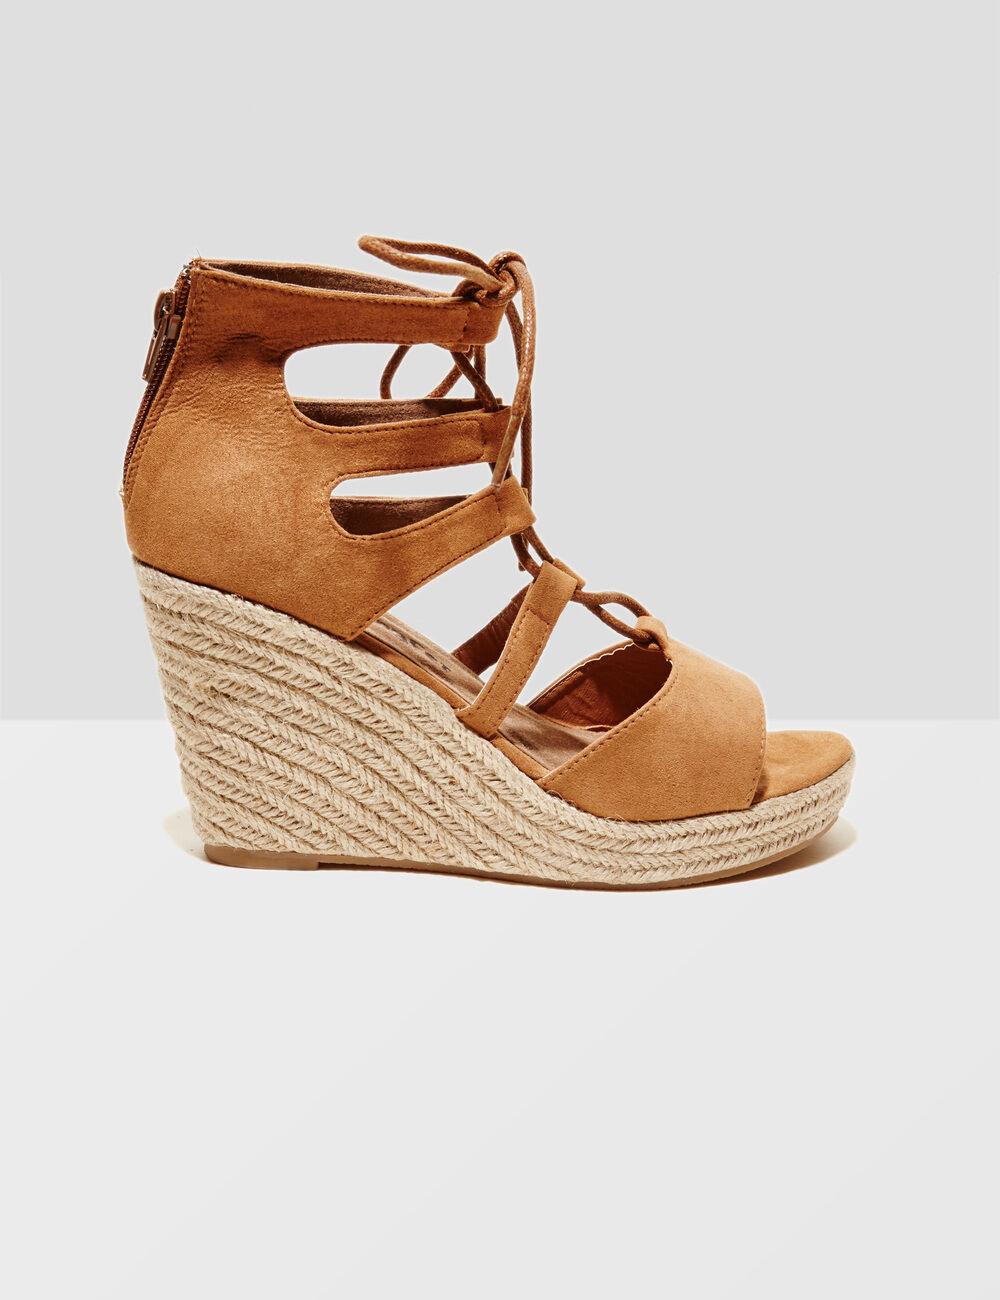 sandales compens es camel femme jennyfer. Black Bedroom Furniture Sets. Home Design Ideas